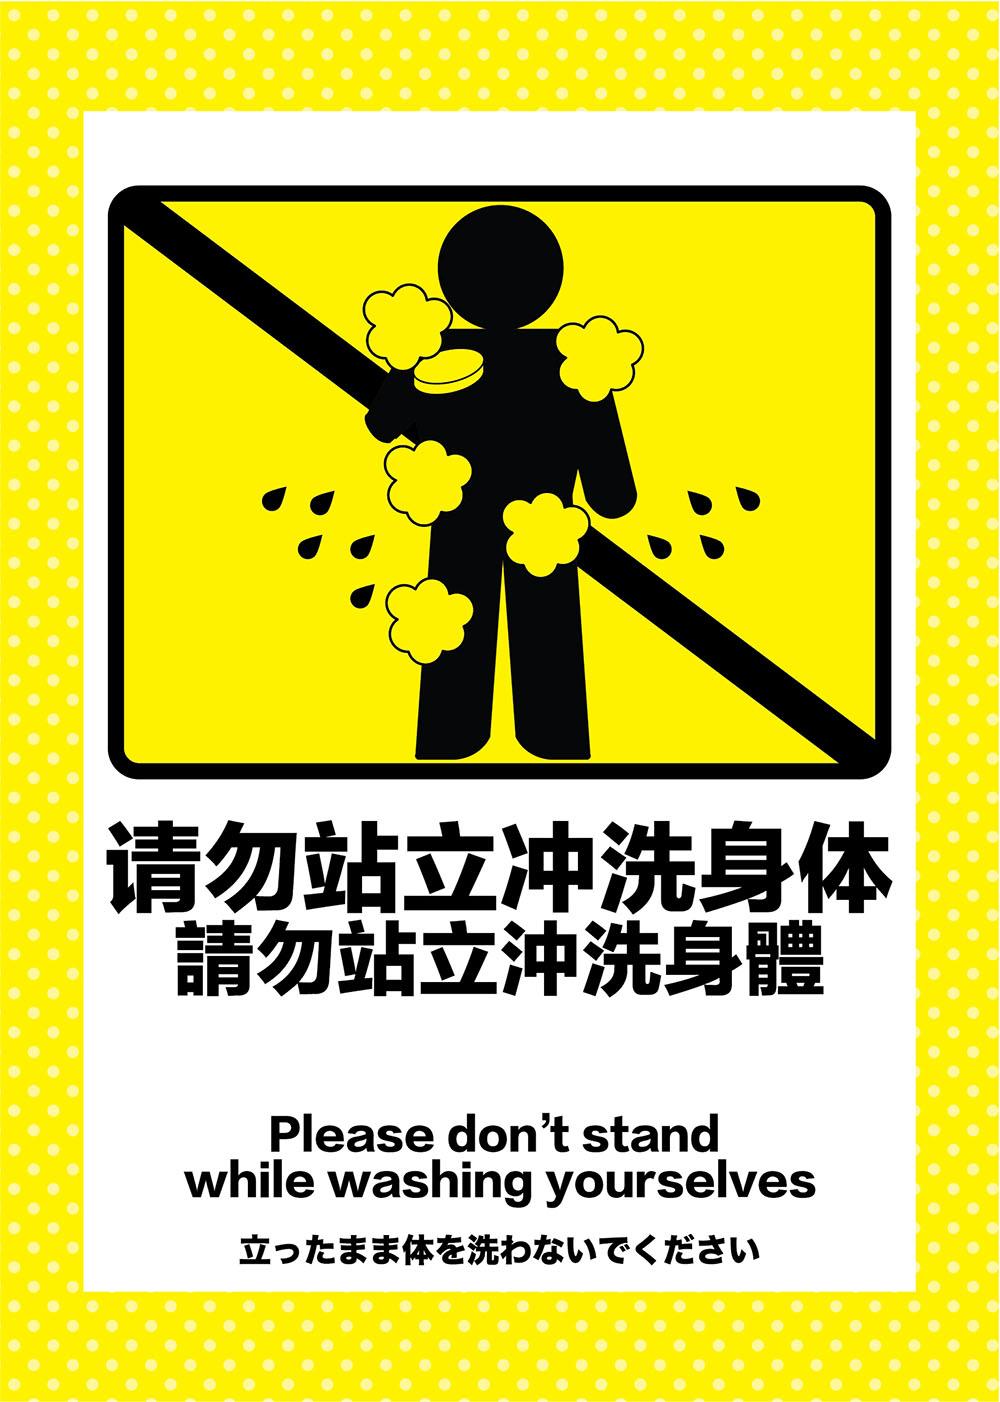 湯船の中で石けんを使用しないでくださ